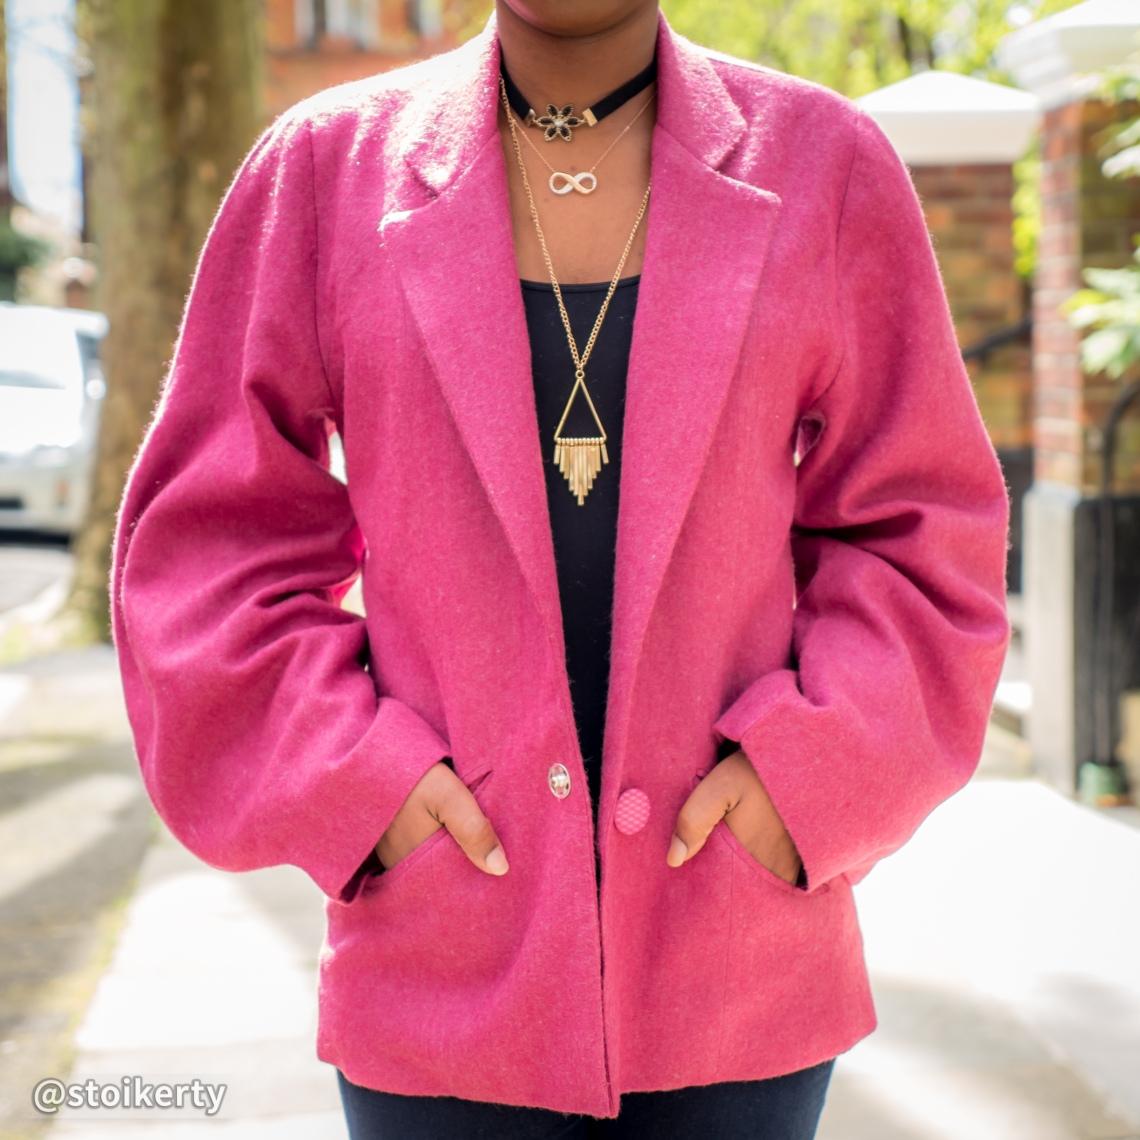 P4230159 - The Monki Jacket.jpg